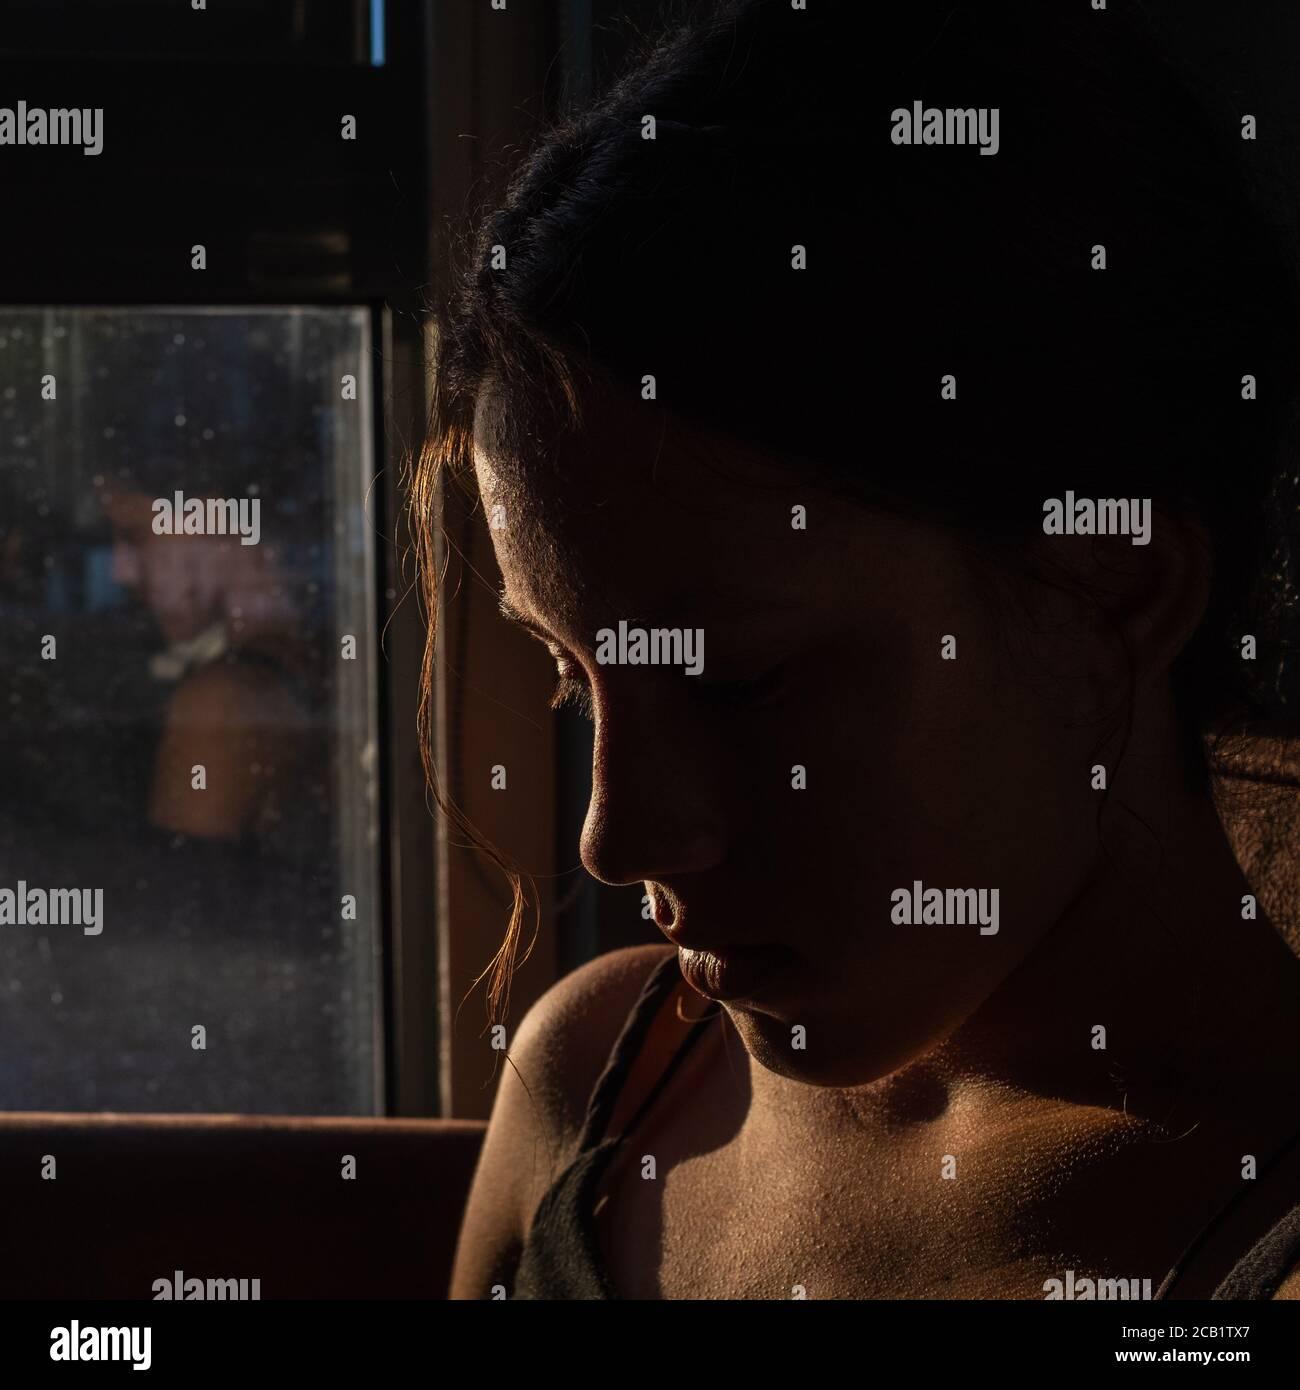 Portrait de la belle fille brune dans l'obscurité avec une lumière douce sur son visage, silhouette pensive regardant vers le bas, un reflet sur la fenêtre. Banque D'Images